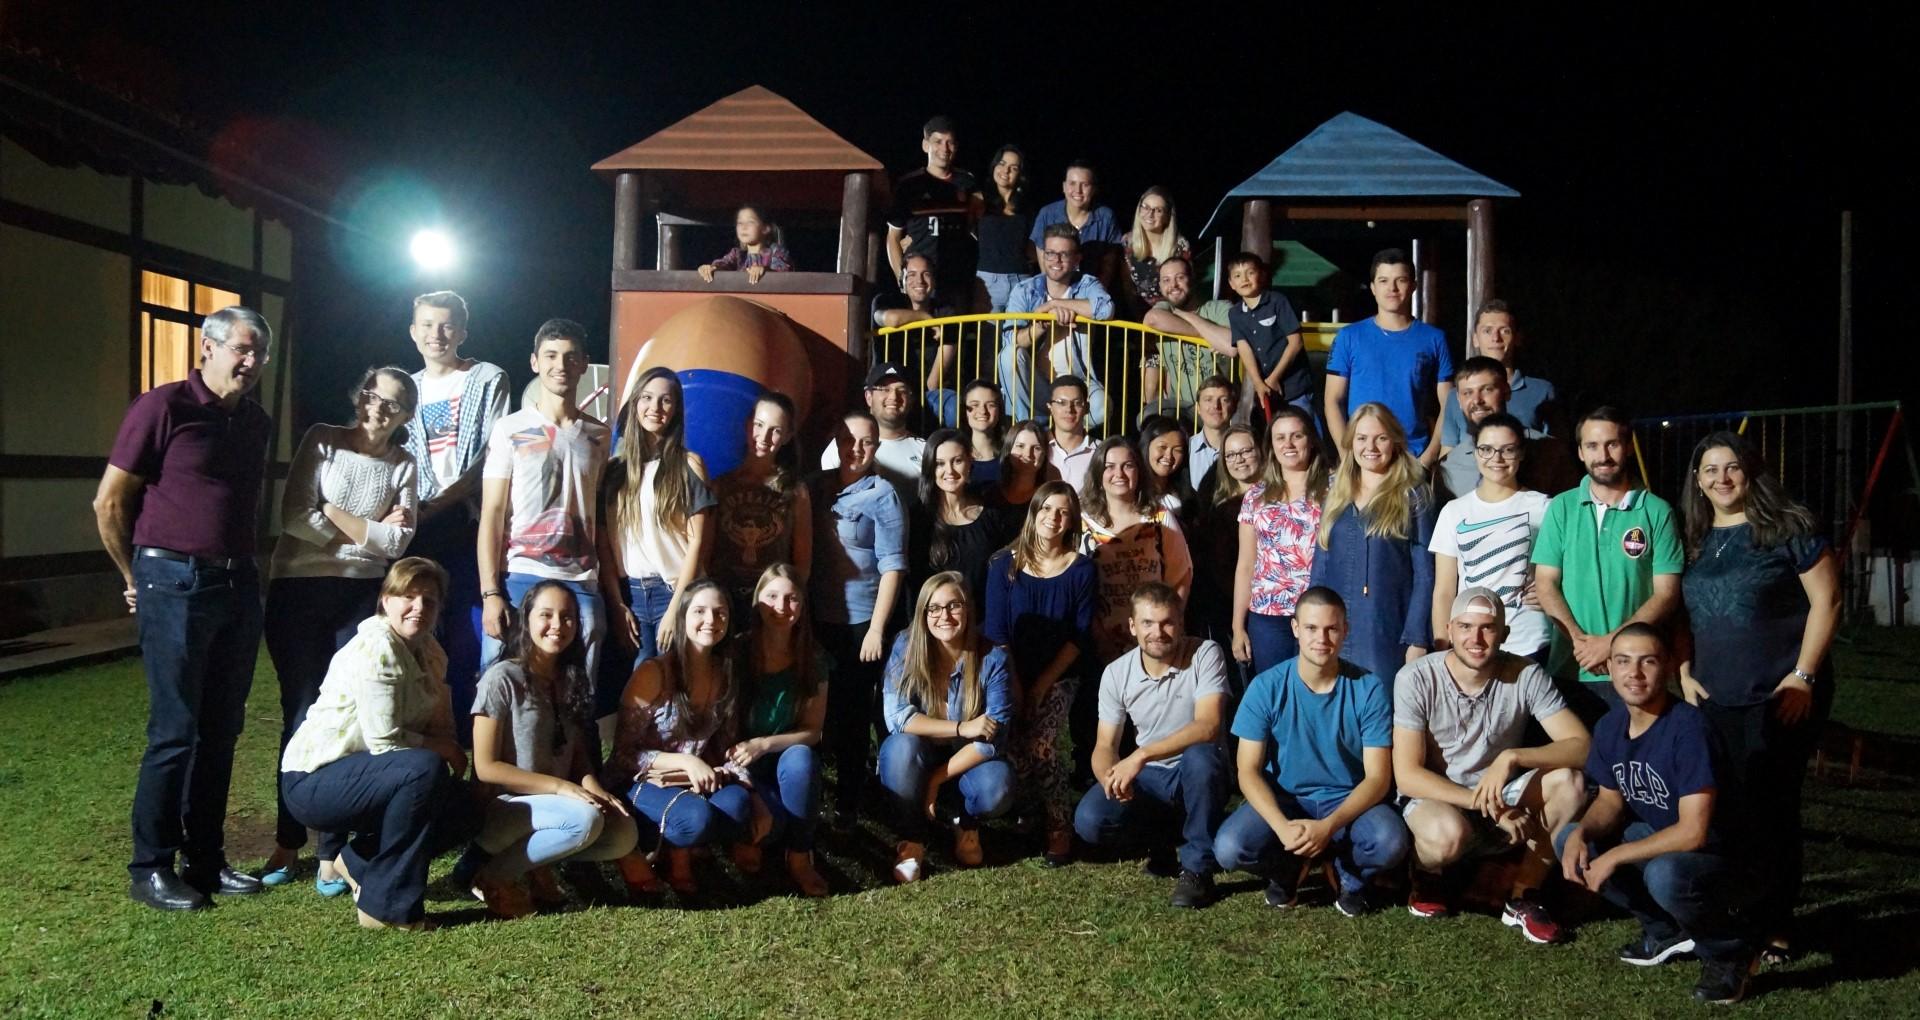 Confraternização Grupos de Danças Adultos - 26/11/2017Confraternização Grupos de Danças Adultos - 26/11/2017